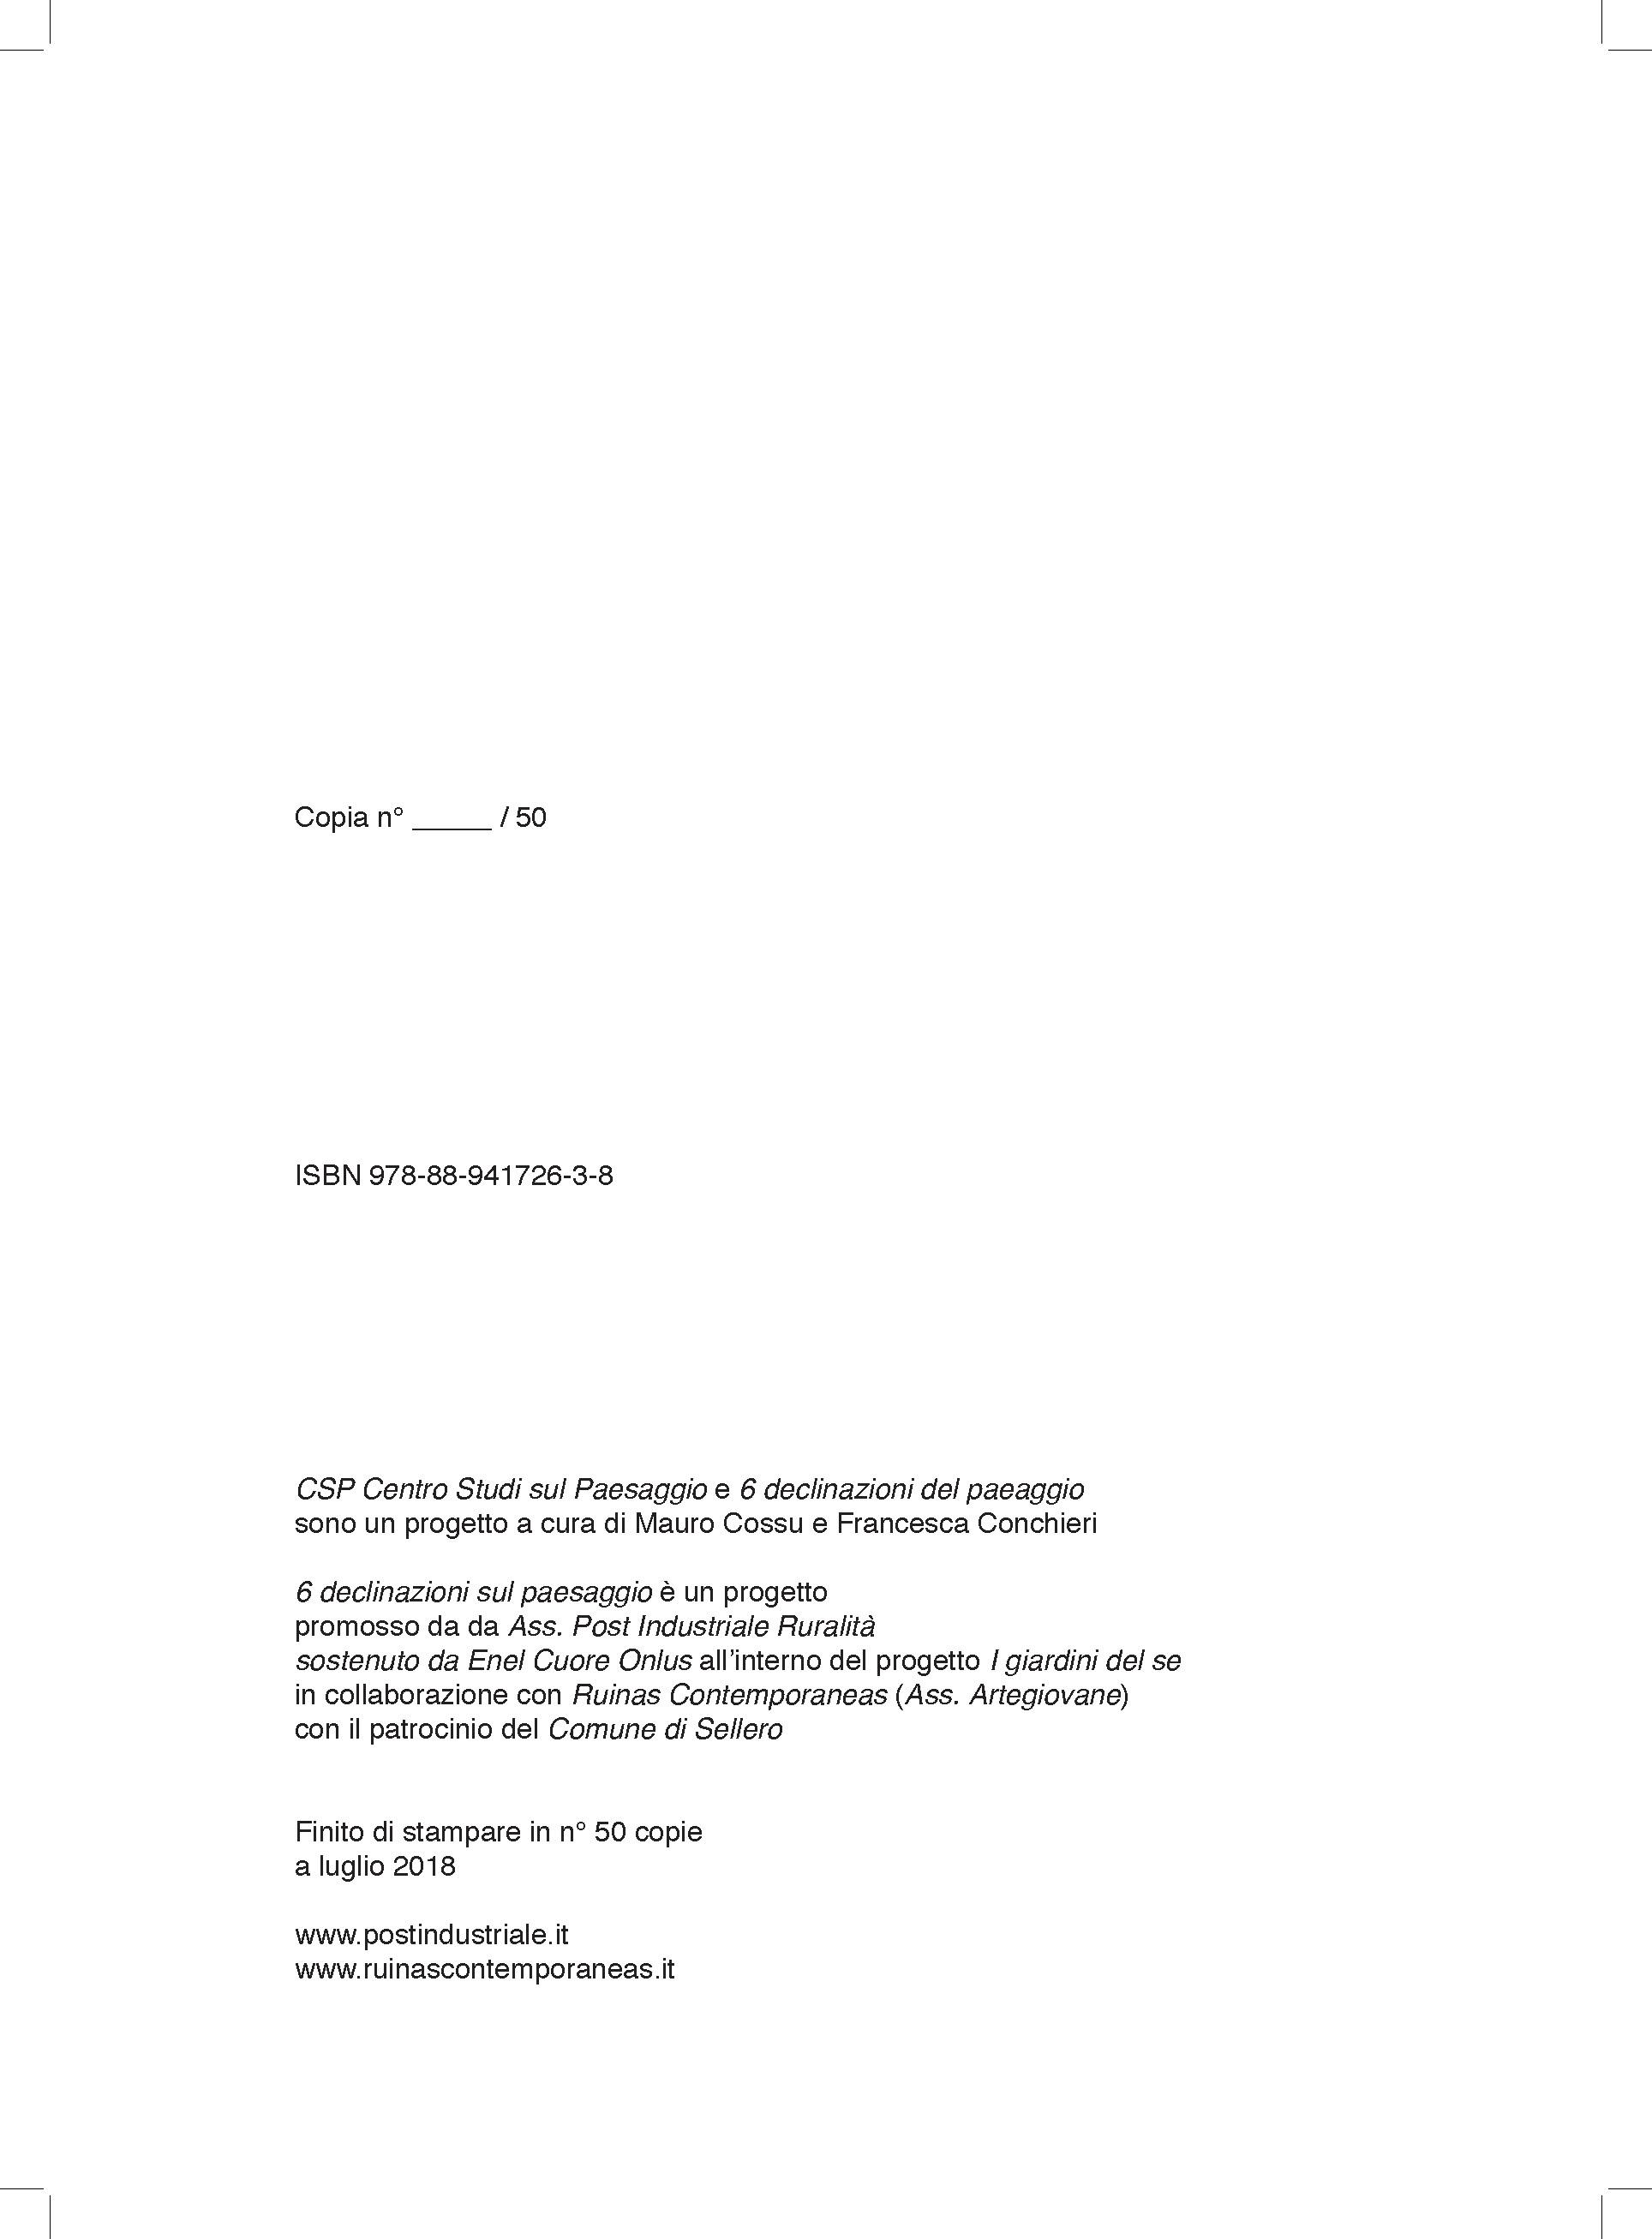 6decl-quaderno-con-segno-taglio_Pagina_04